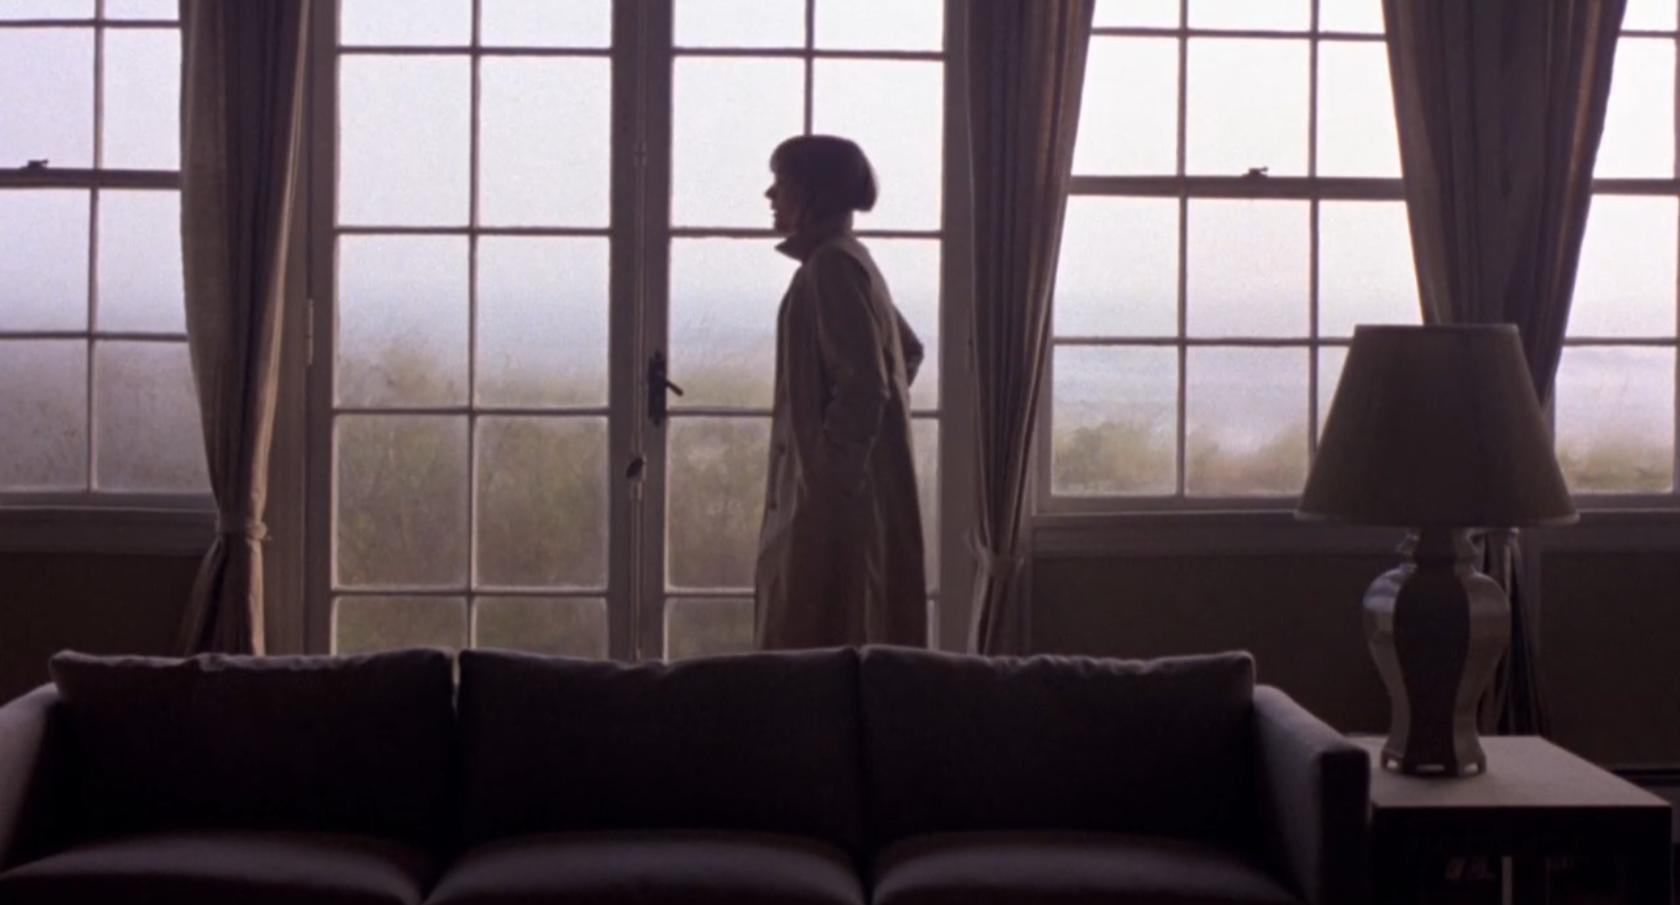 Wnętrza - woody Allen film